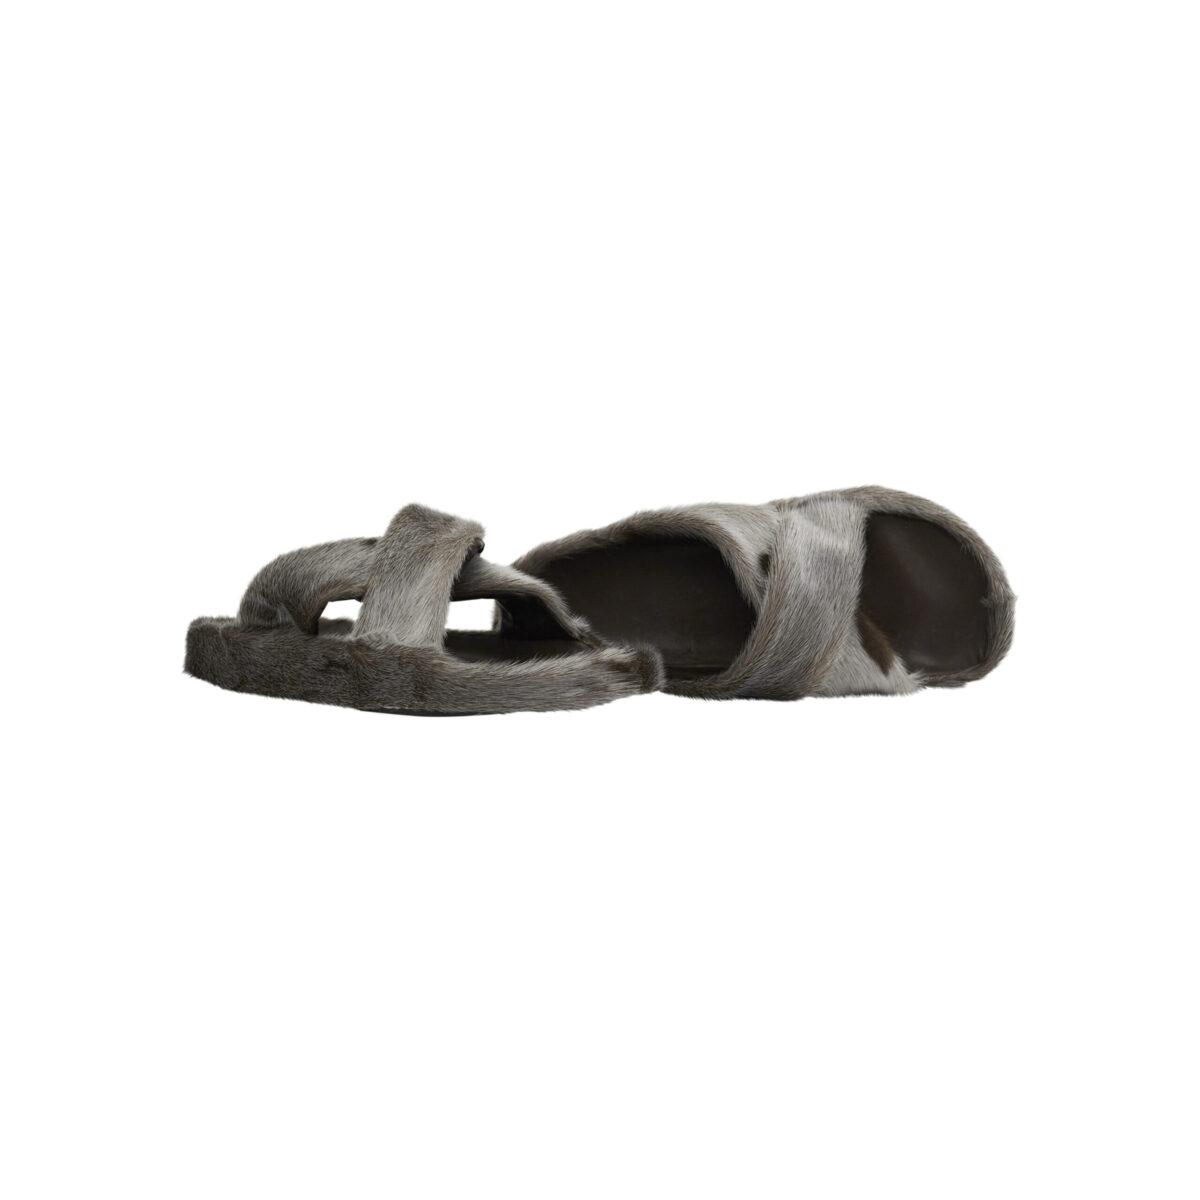 Sandal i sælskind - unisex model.